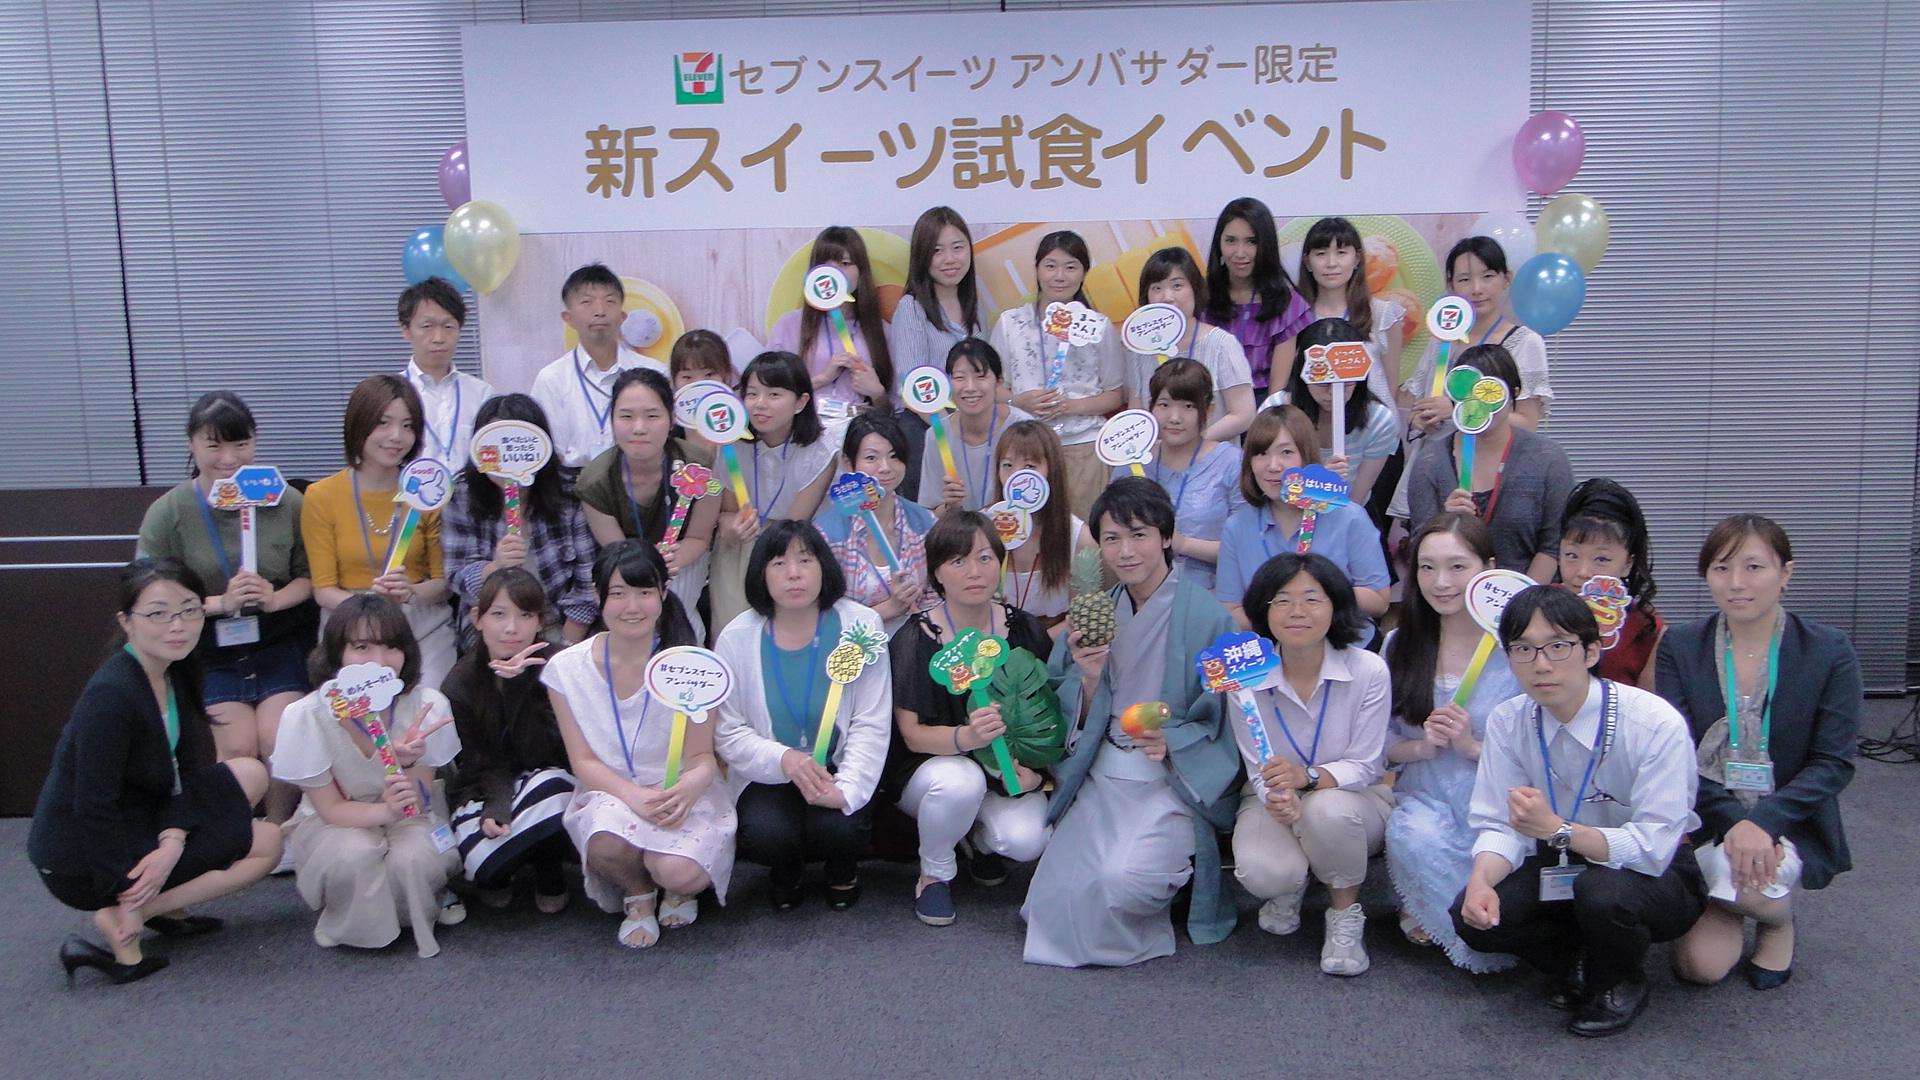 「#セブンスイーツアンバサダー 新作沖縄スイーツ試食イベント」を開催しました!